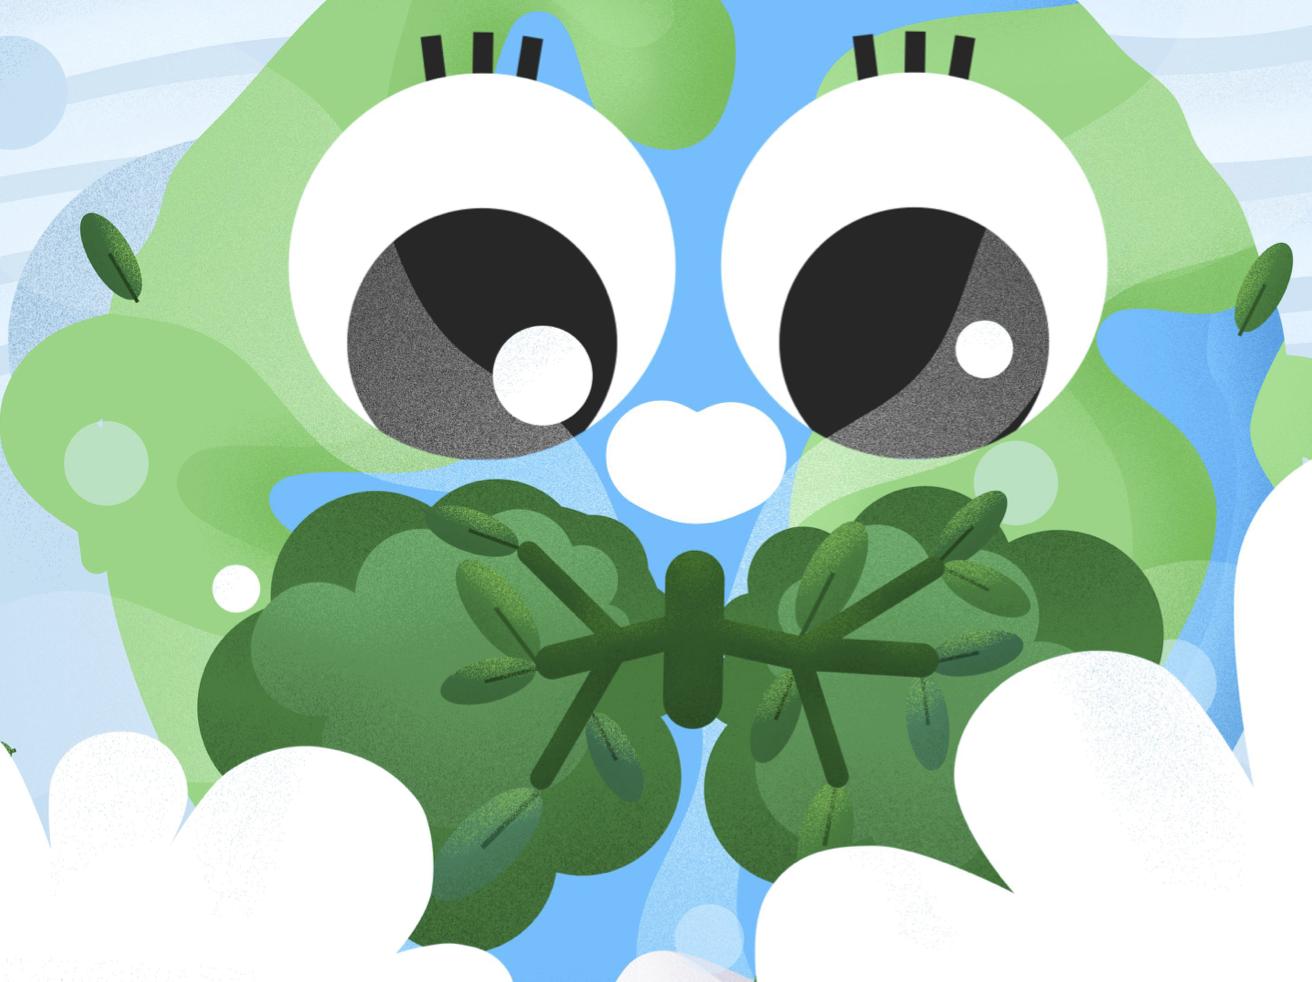 """Producción de oxígeno - Los bosques son llamados """"los pulmones de la tierra"""", y con mucha razón, pues ellos producen el oxígeno que se encuentra en el aire y que nosotros necesitamos para respirar.El Amazonas, por ejemplo, es de vital importancia porque produce alrededor el 20% del oxígeno de la tierra!"""